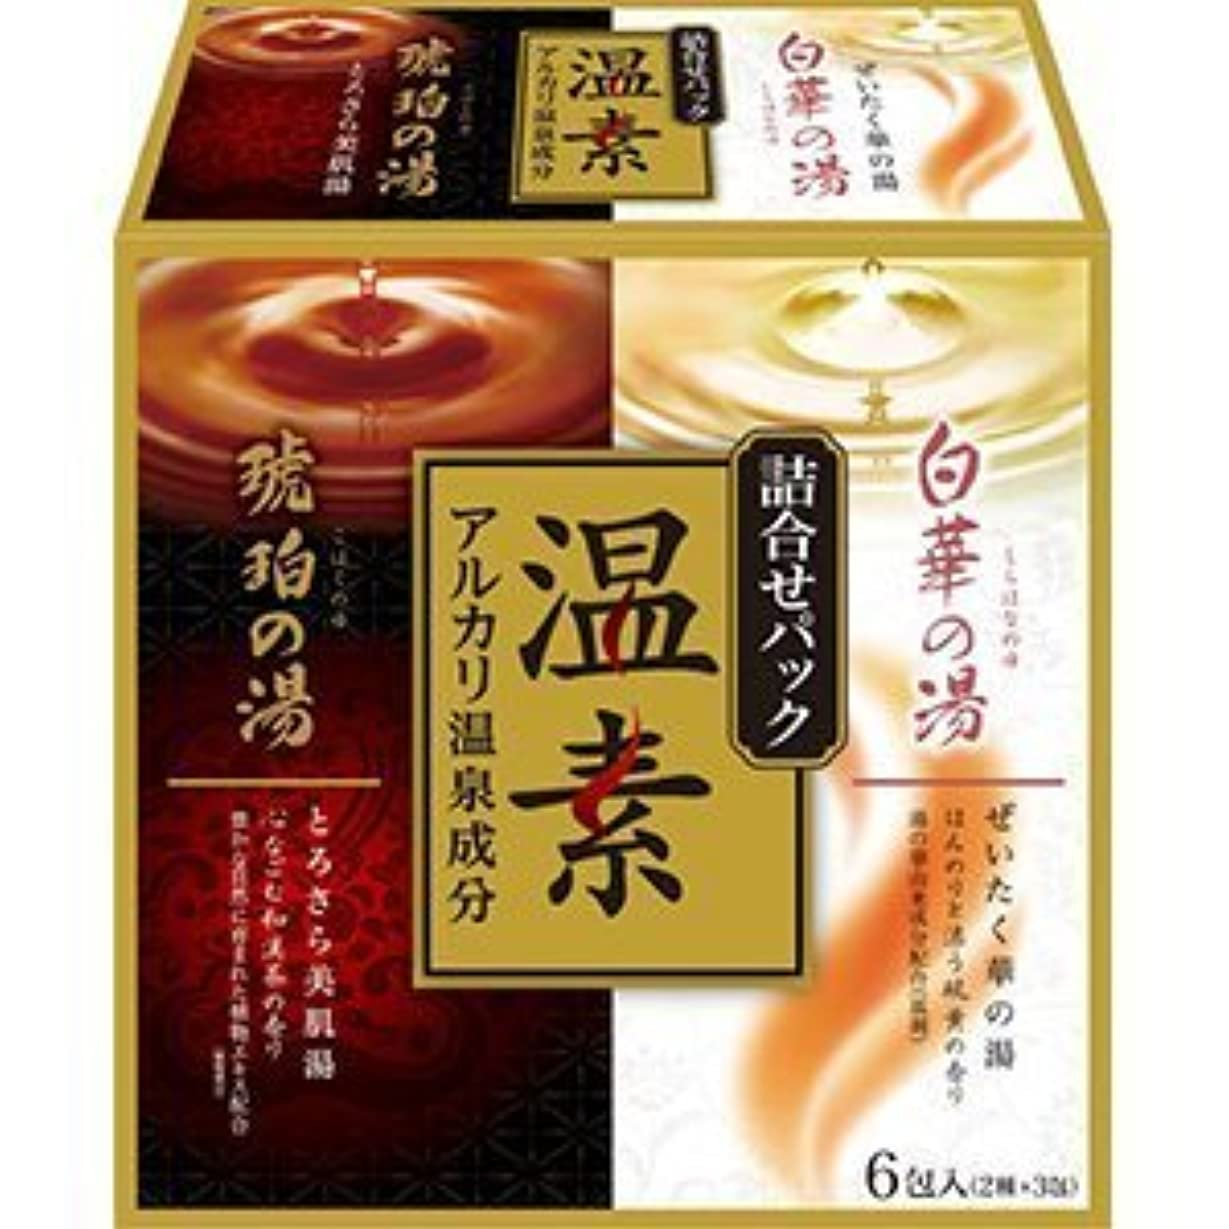 爆発出費達成する温素 琥珀の湯&白華の湯 詰合せパック × 5個セット